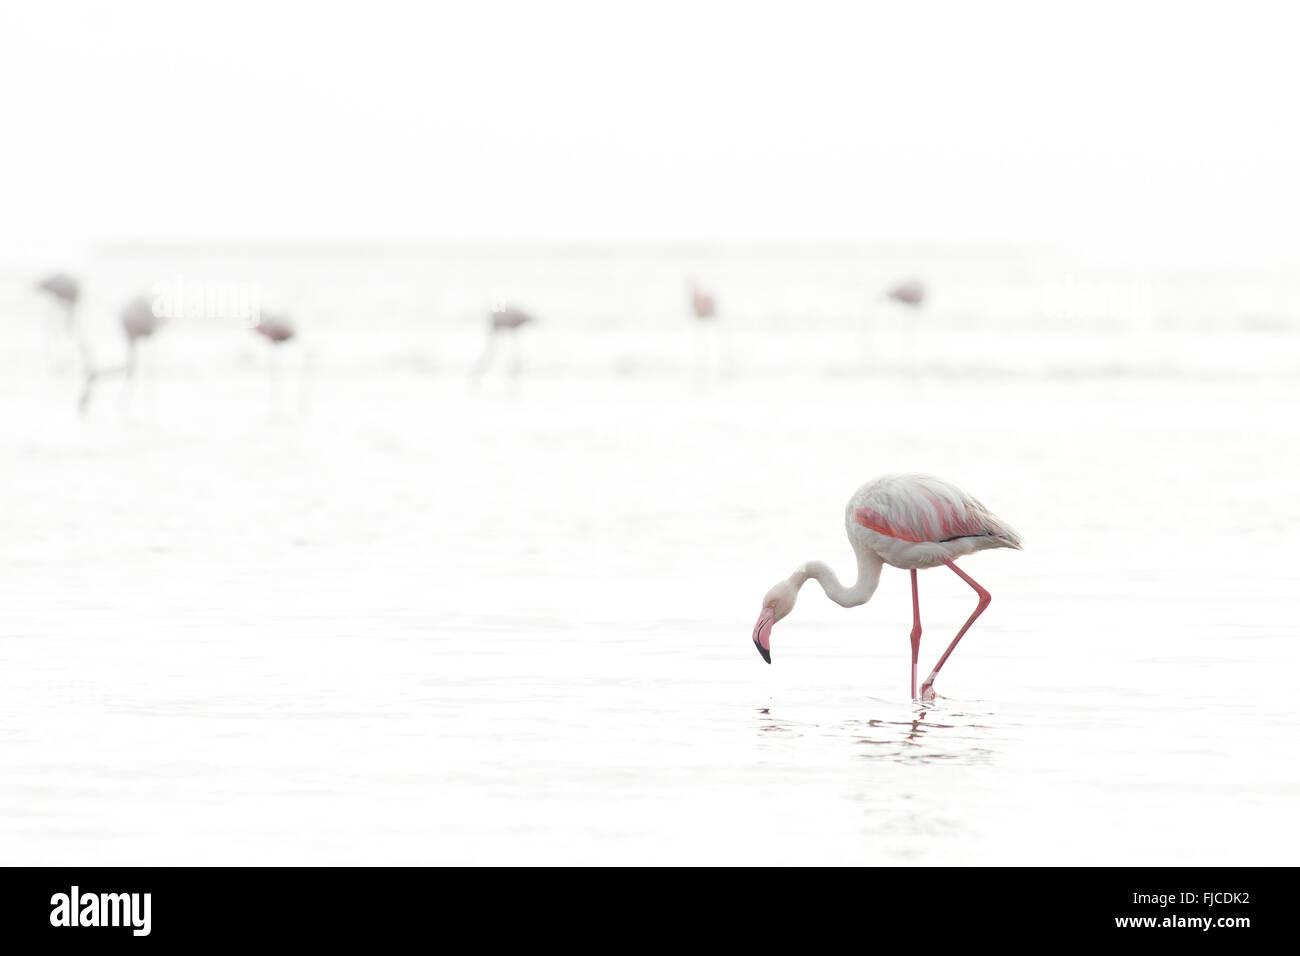 Flamingos feeding at a wetland - Stock Image